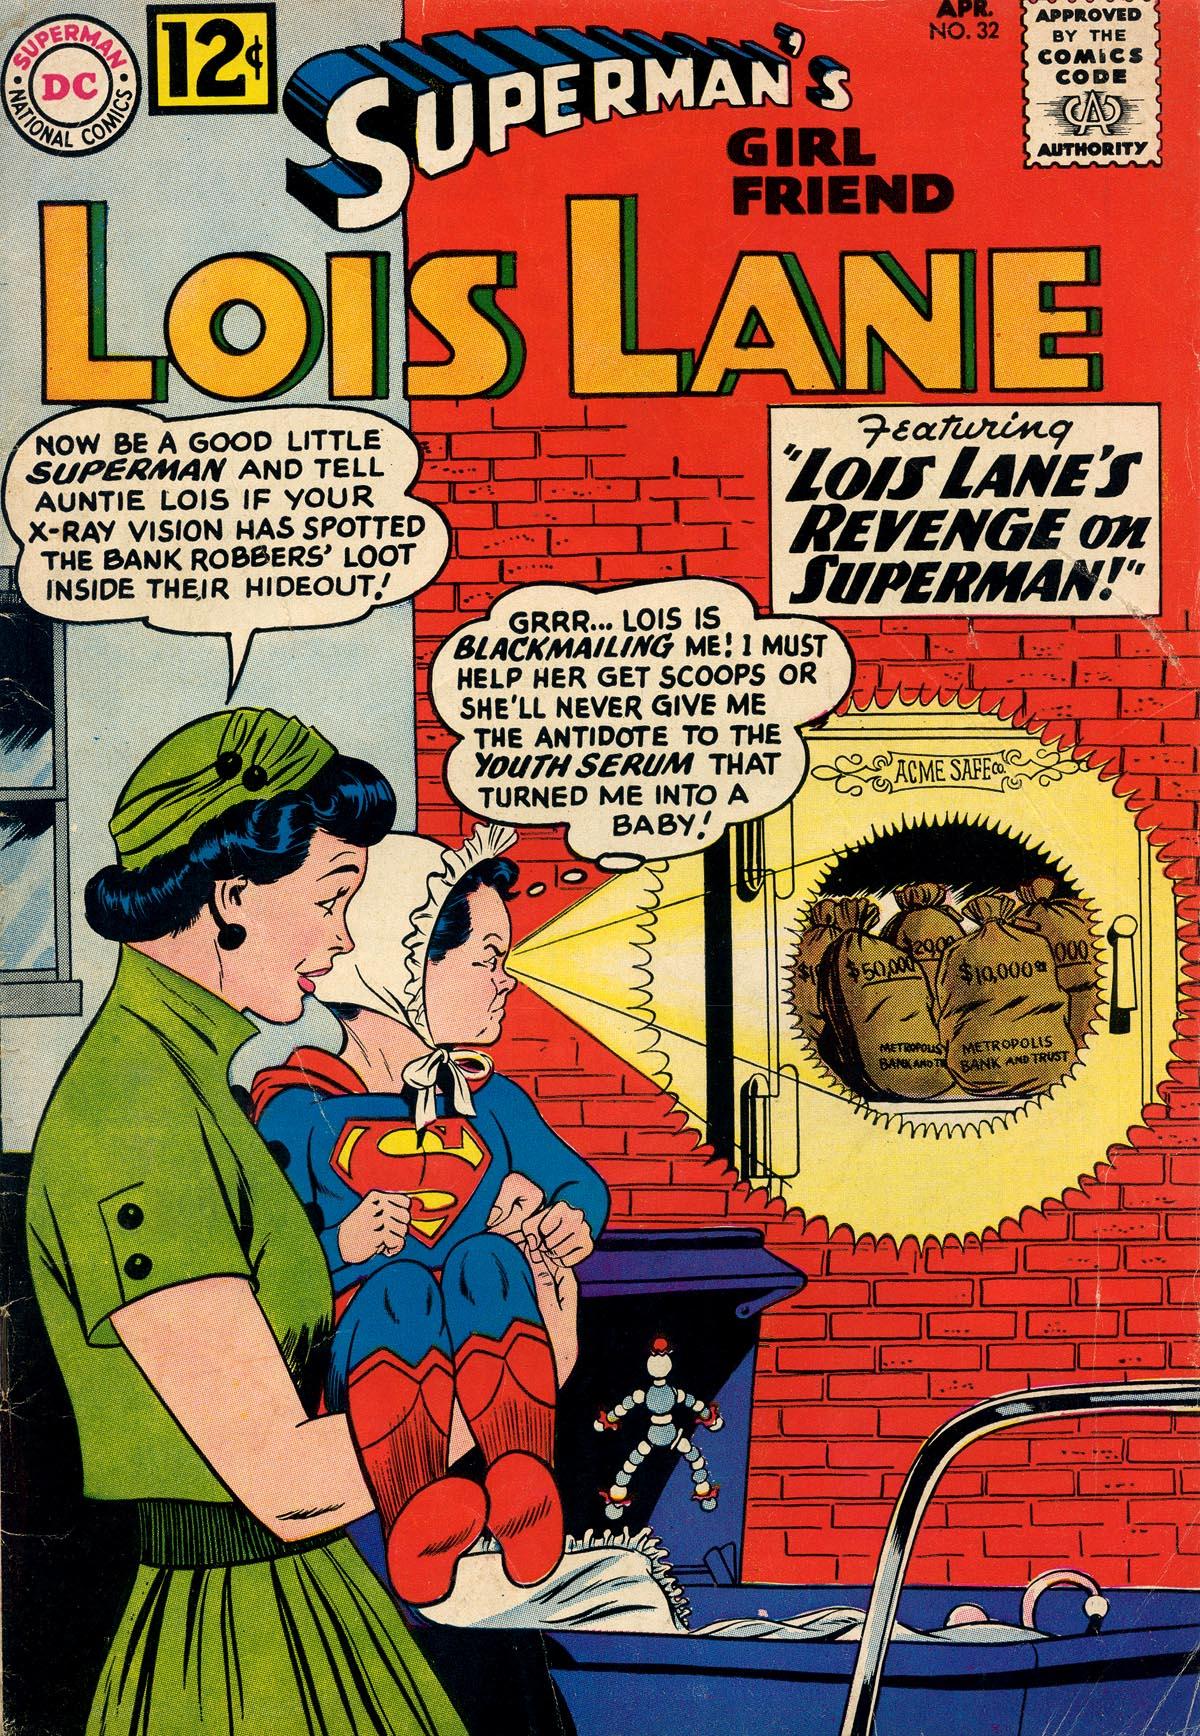 Supermans Girl Friend, Lois Lane 32 Page 1